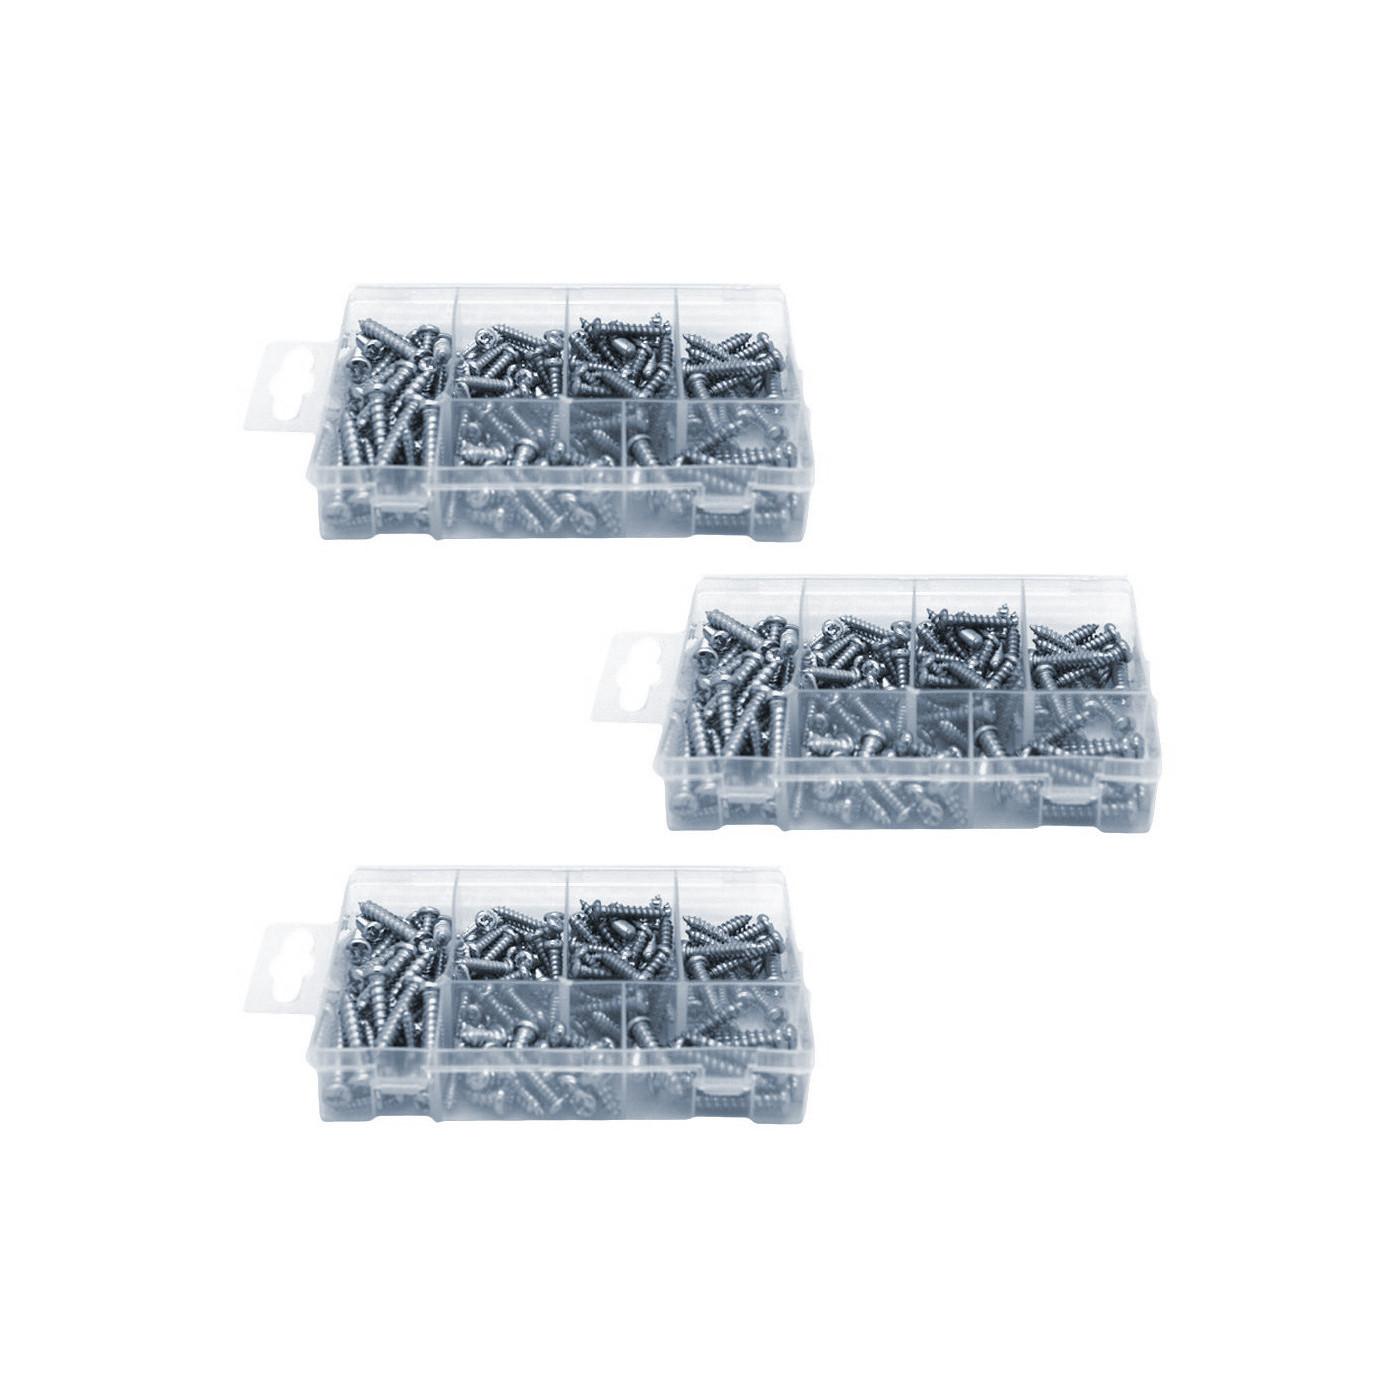 Set of 525 sheet metal screws  - 1